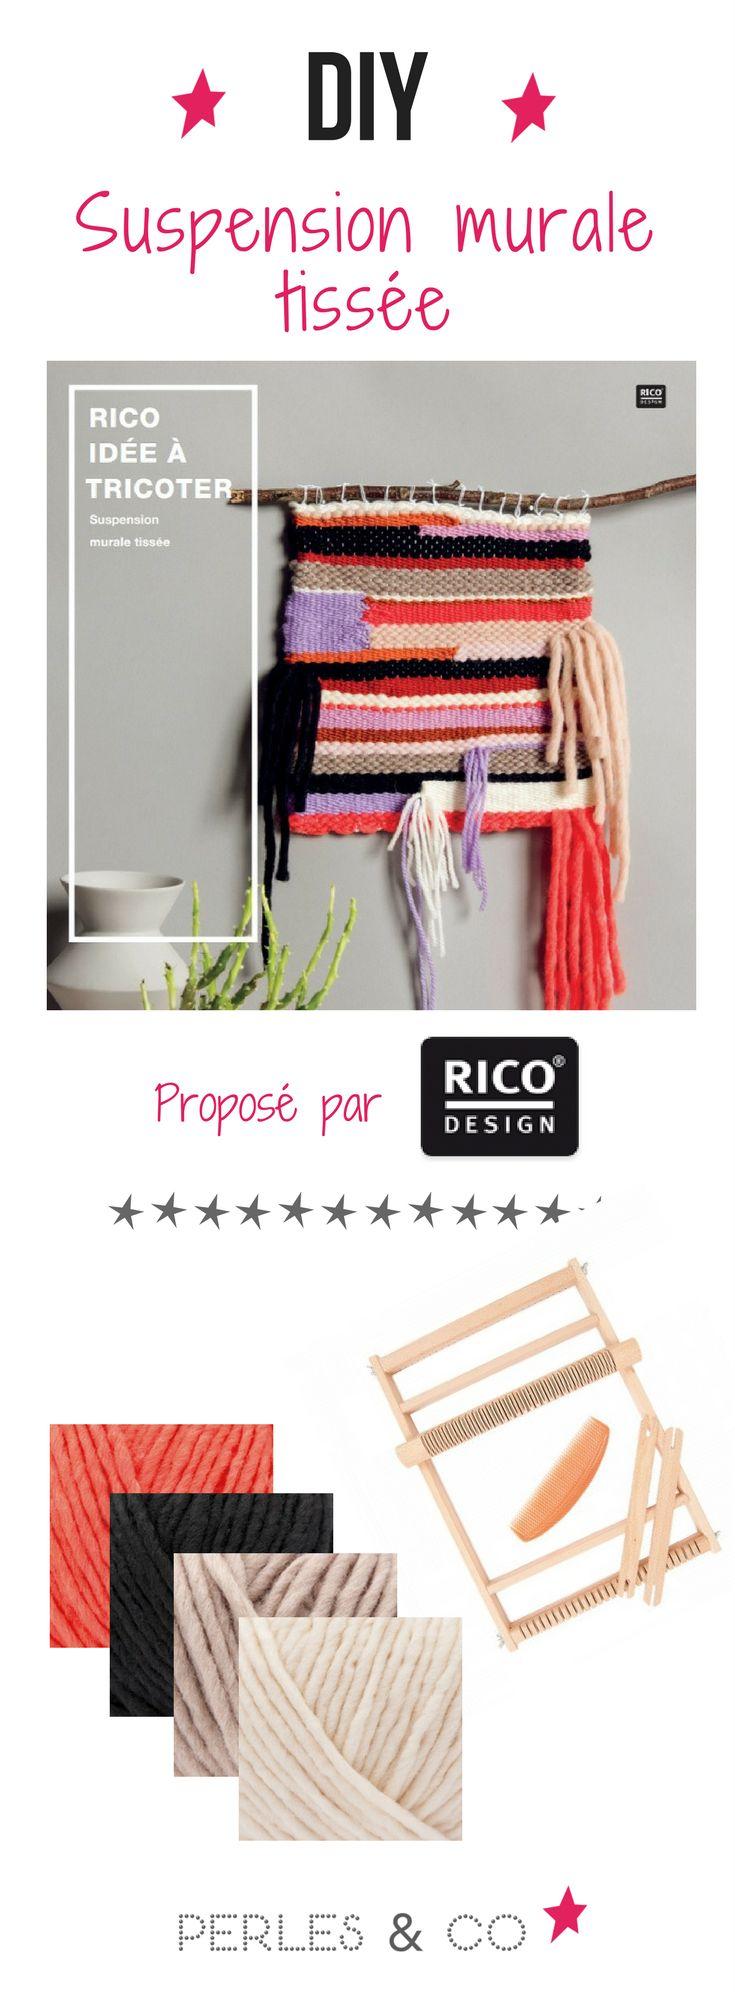 Réalisez grâce à ce tutoriel un tissage mural. Une jolie suspension murale tissée pour la décoration de votre intérieur ! Une décoration cocooning réalisée avec de la laine Rico Design !